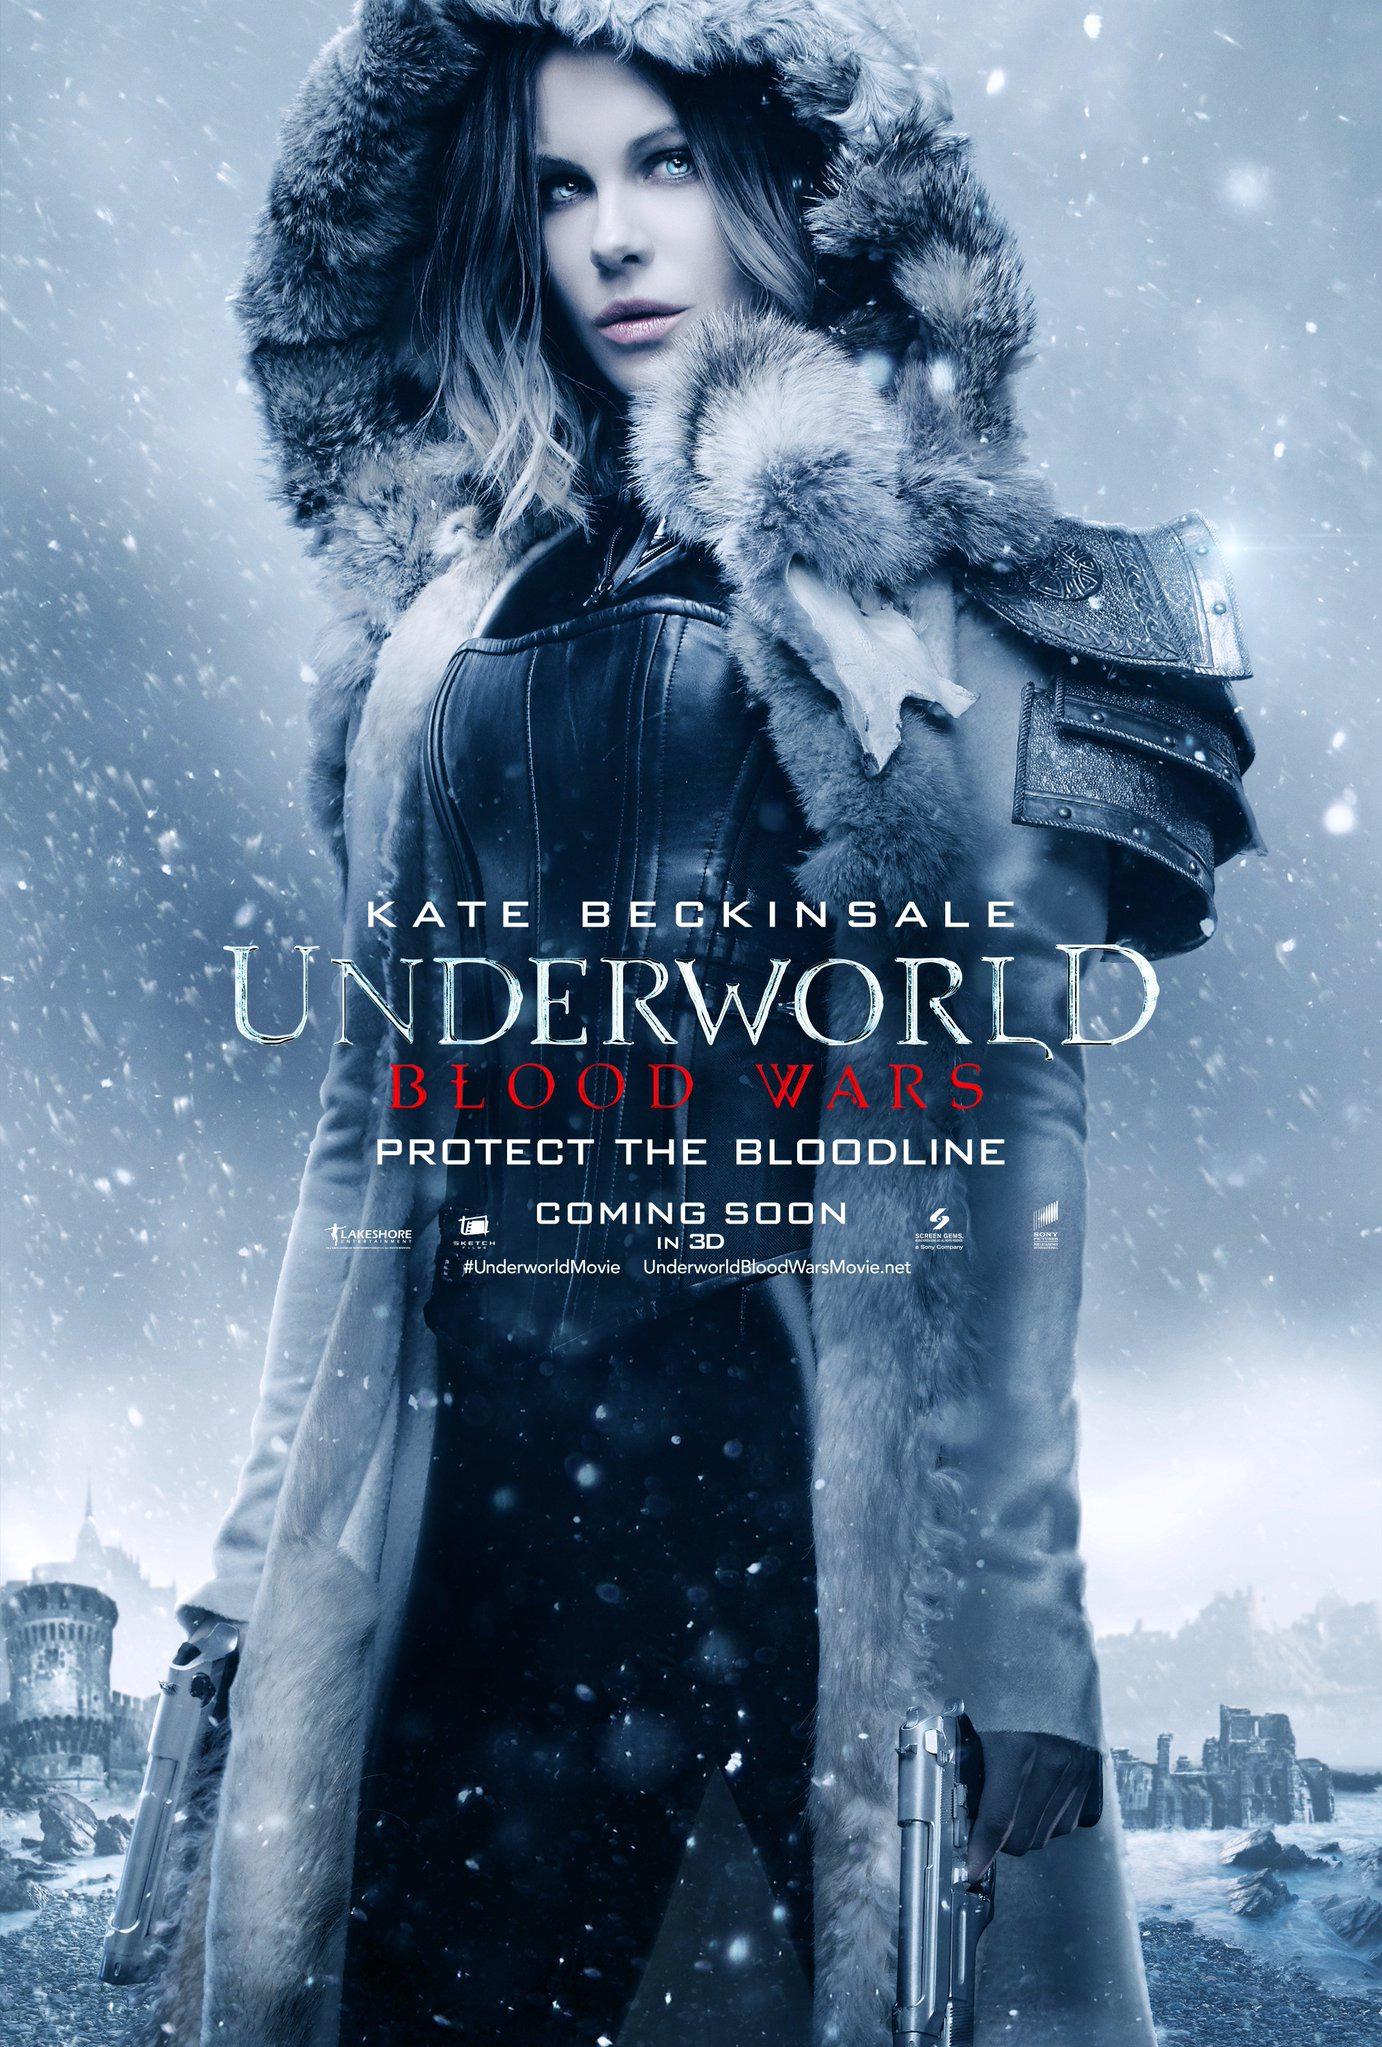 underworld blood wars poster kate beckinsale   blackfilm